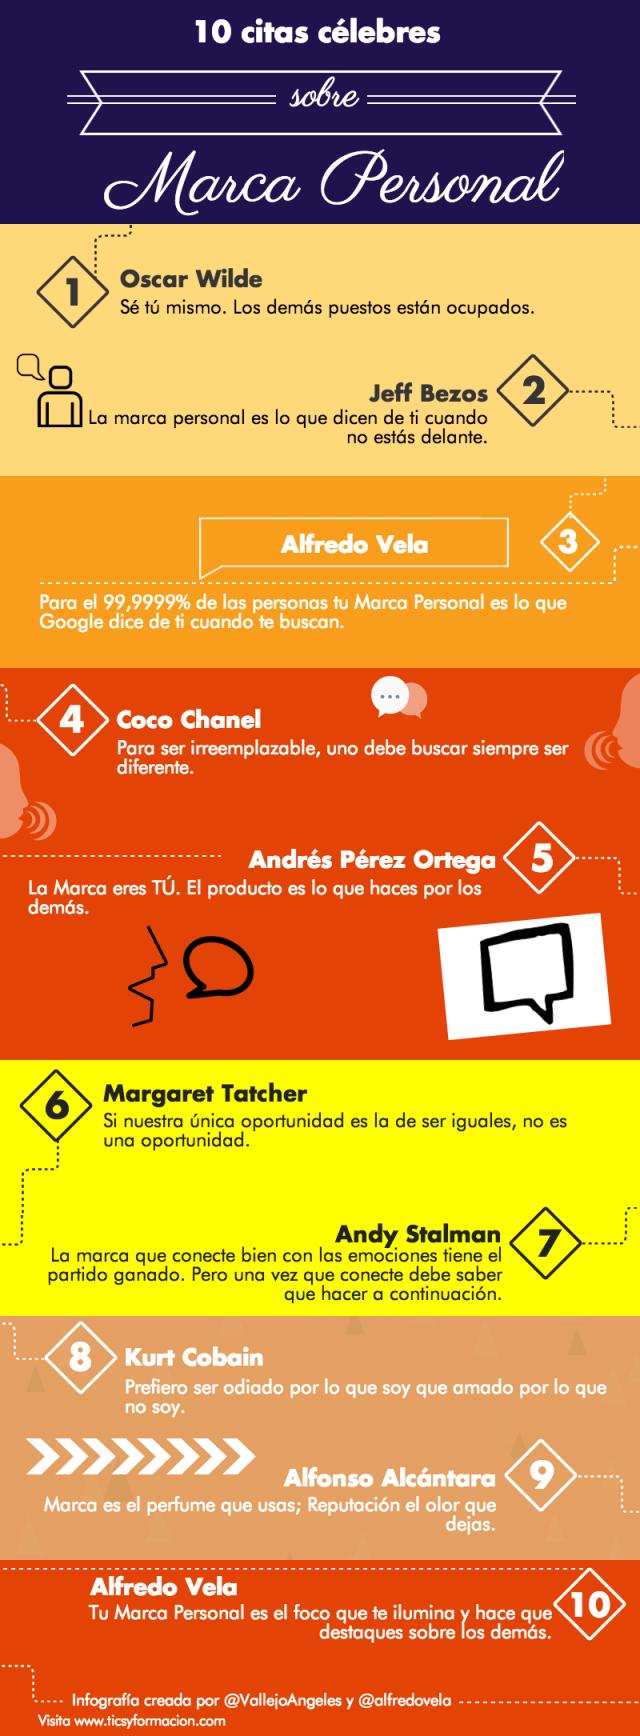 10-citas-celebres-sobre-marca-personal-infografia